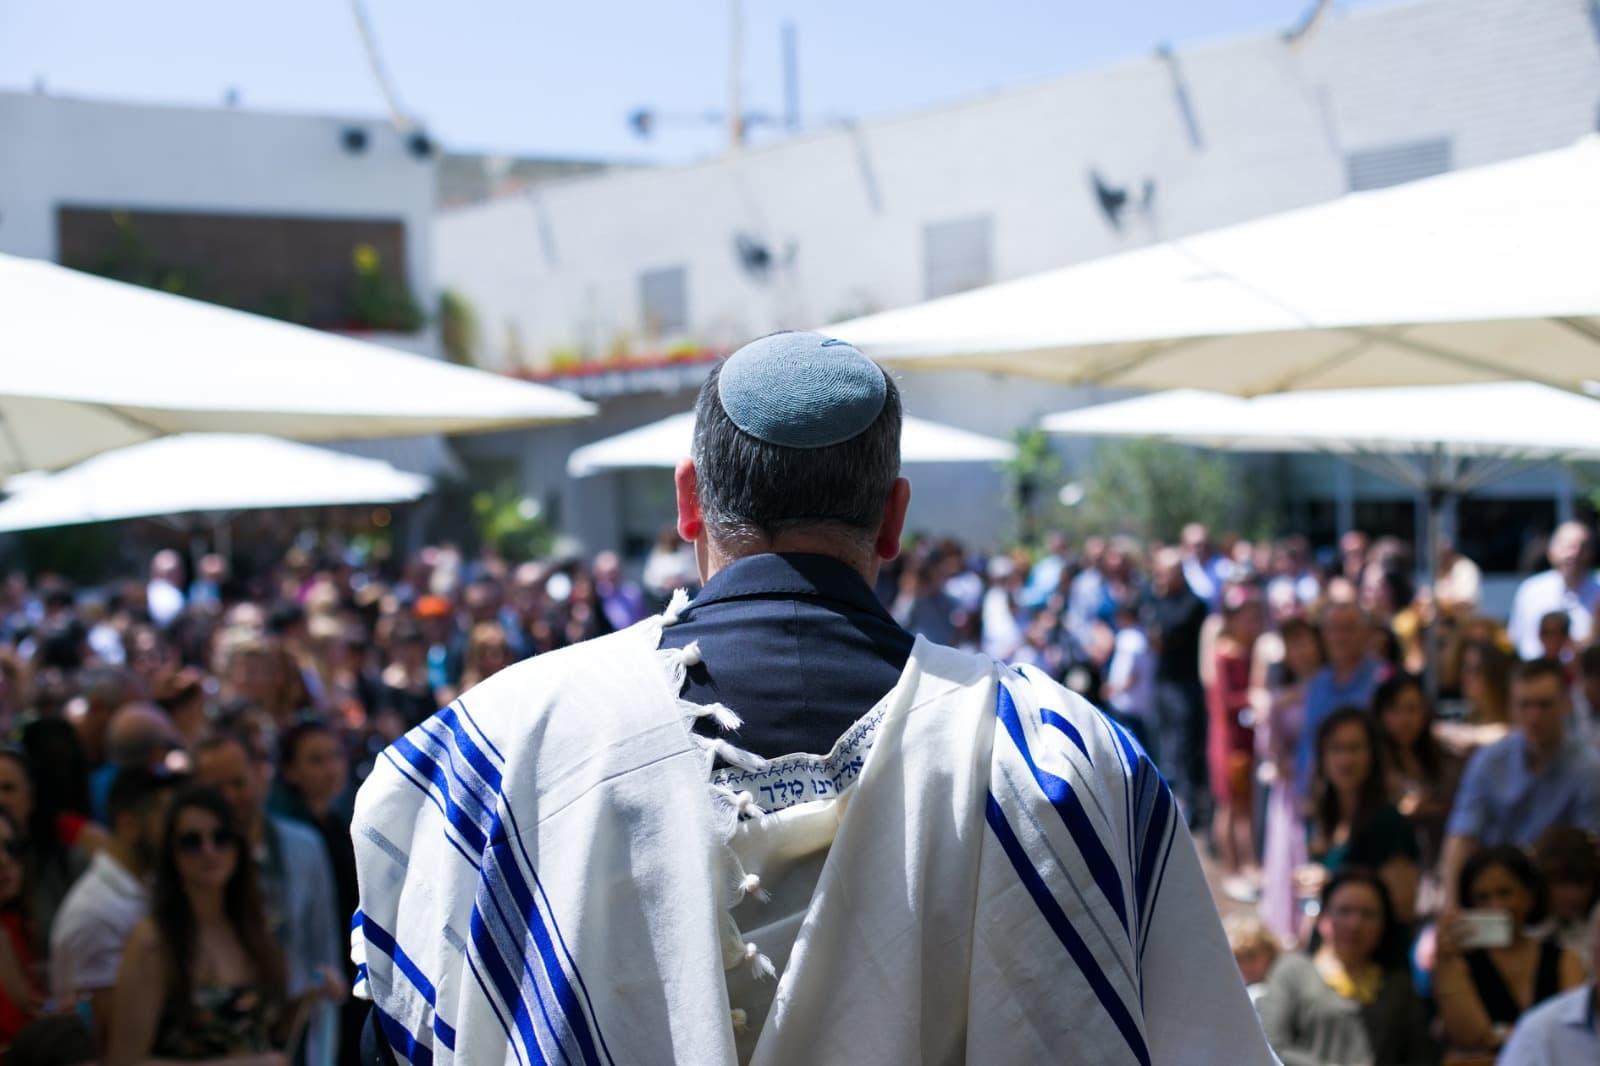 הרב גלעד קריב מנהל טקס נישואים בתל אביב, 14 ביוני 2019 (צילום: באדיבות התנועה ליהדות מתקדמת)